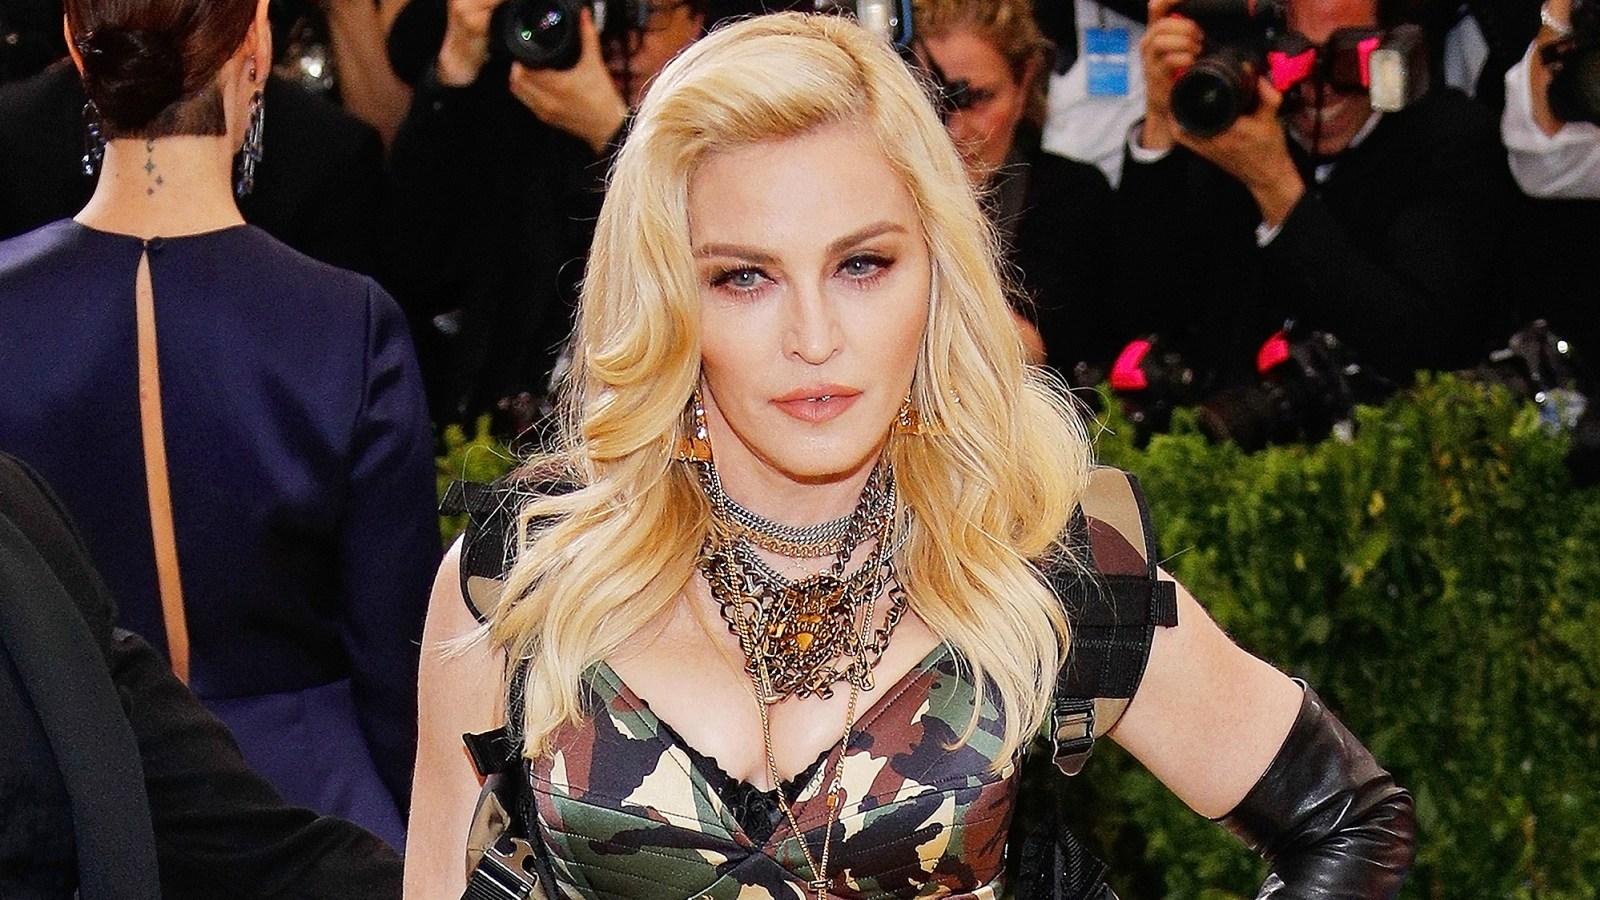 Madonna'nın Yıllardır Sokaklarda Yaşayan Erkek Kardeşi, Ailesiyle Barıştı!